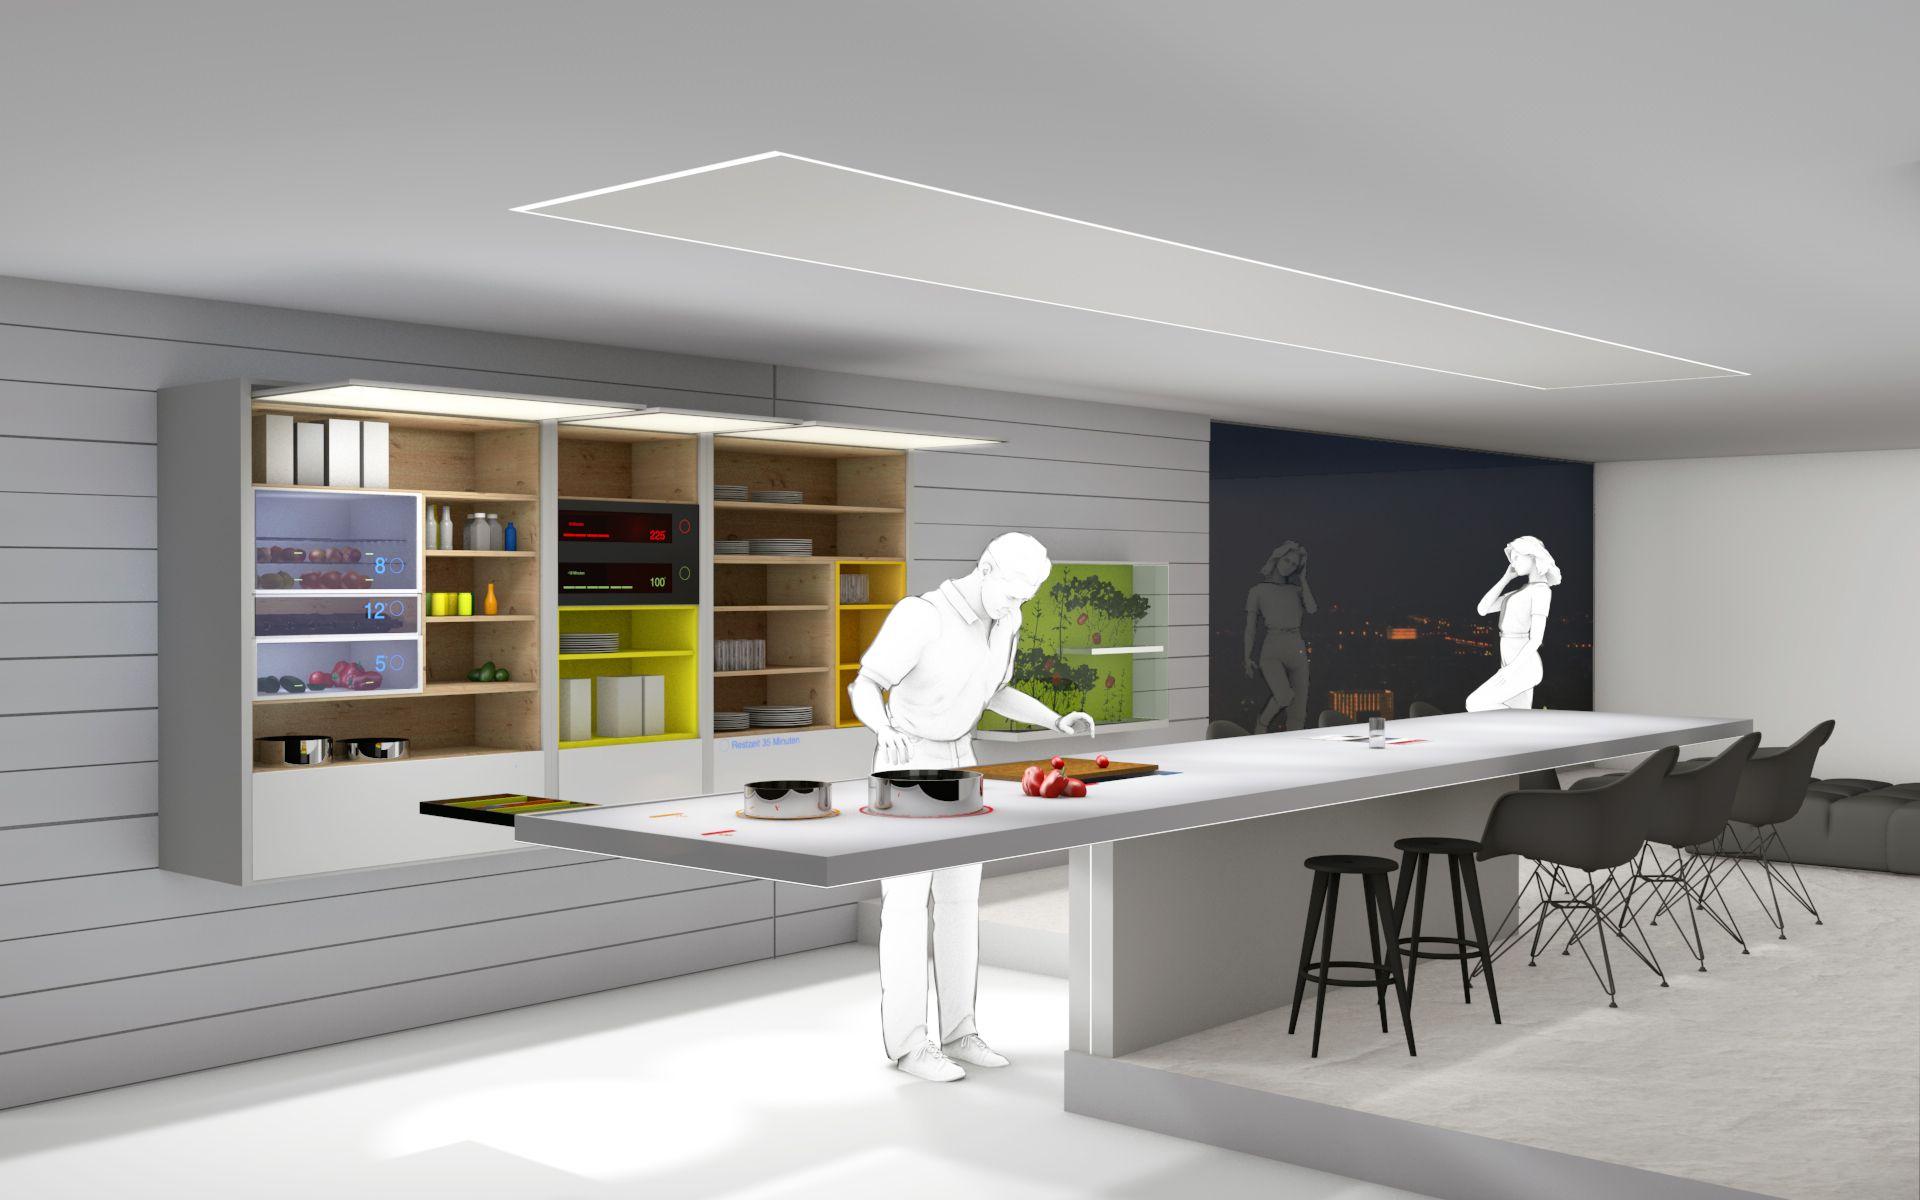 Die Küche der Zukunft - Die Trends 2015 - Hören Sie dazu einen Audio ...